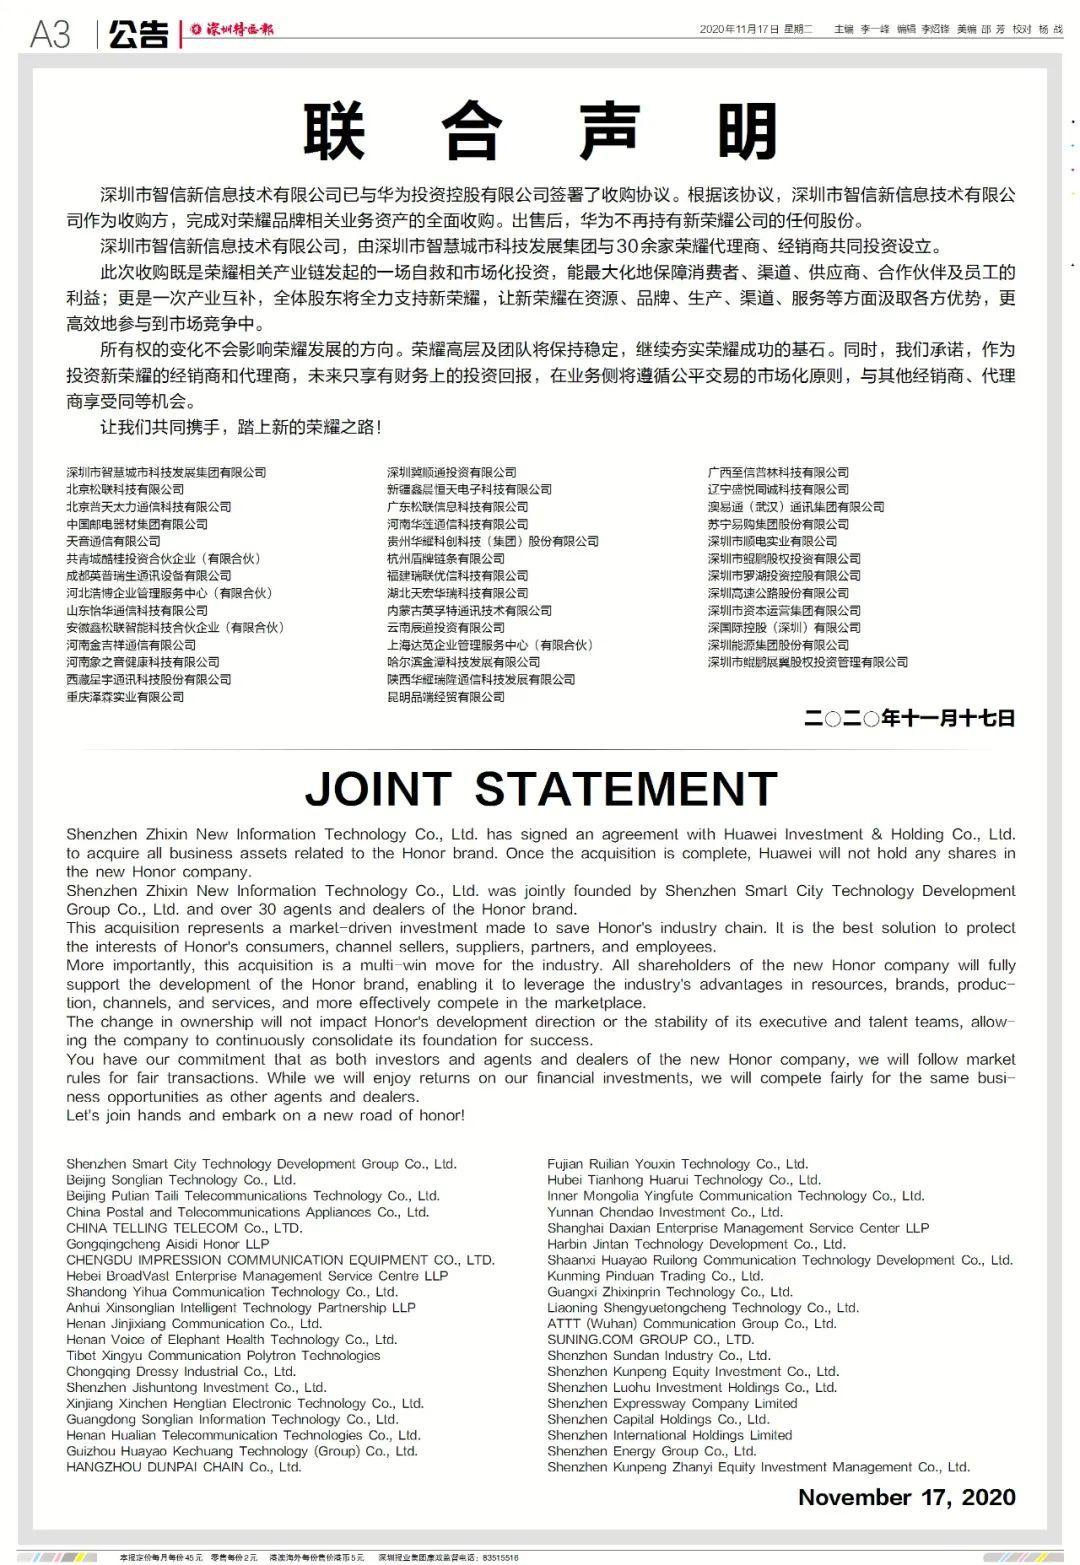 华为正式出售荣耀给深圳智信新:背后股东结构公开的照片 - 4